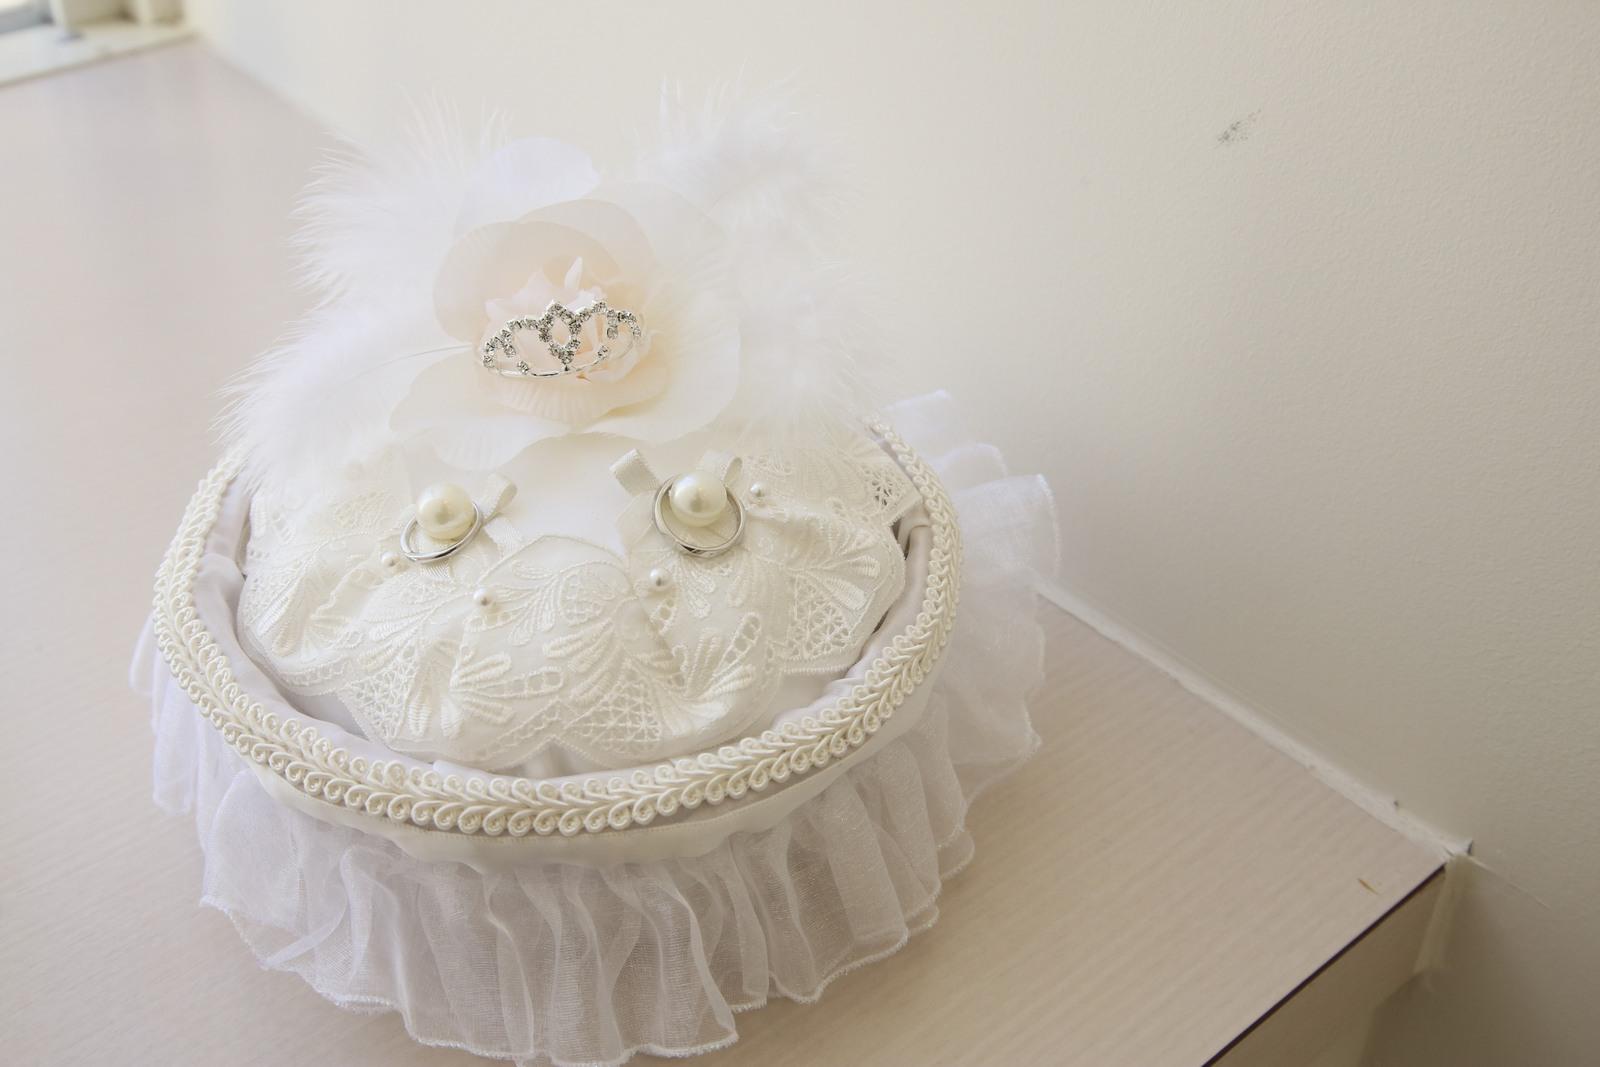 徳島市の結婚式場ブランアンジュで結婚指輪を置いていたリングピロー